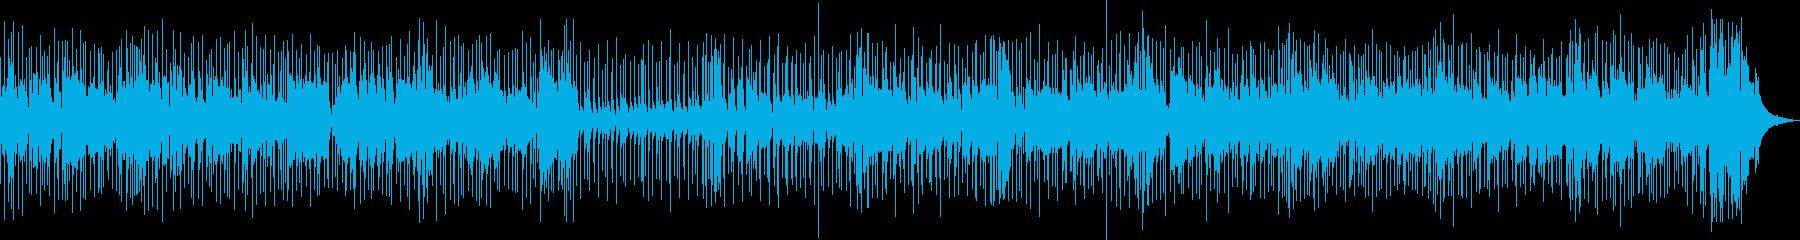 クールに奏でるジャズ・バラード の再生済みの波形